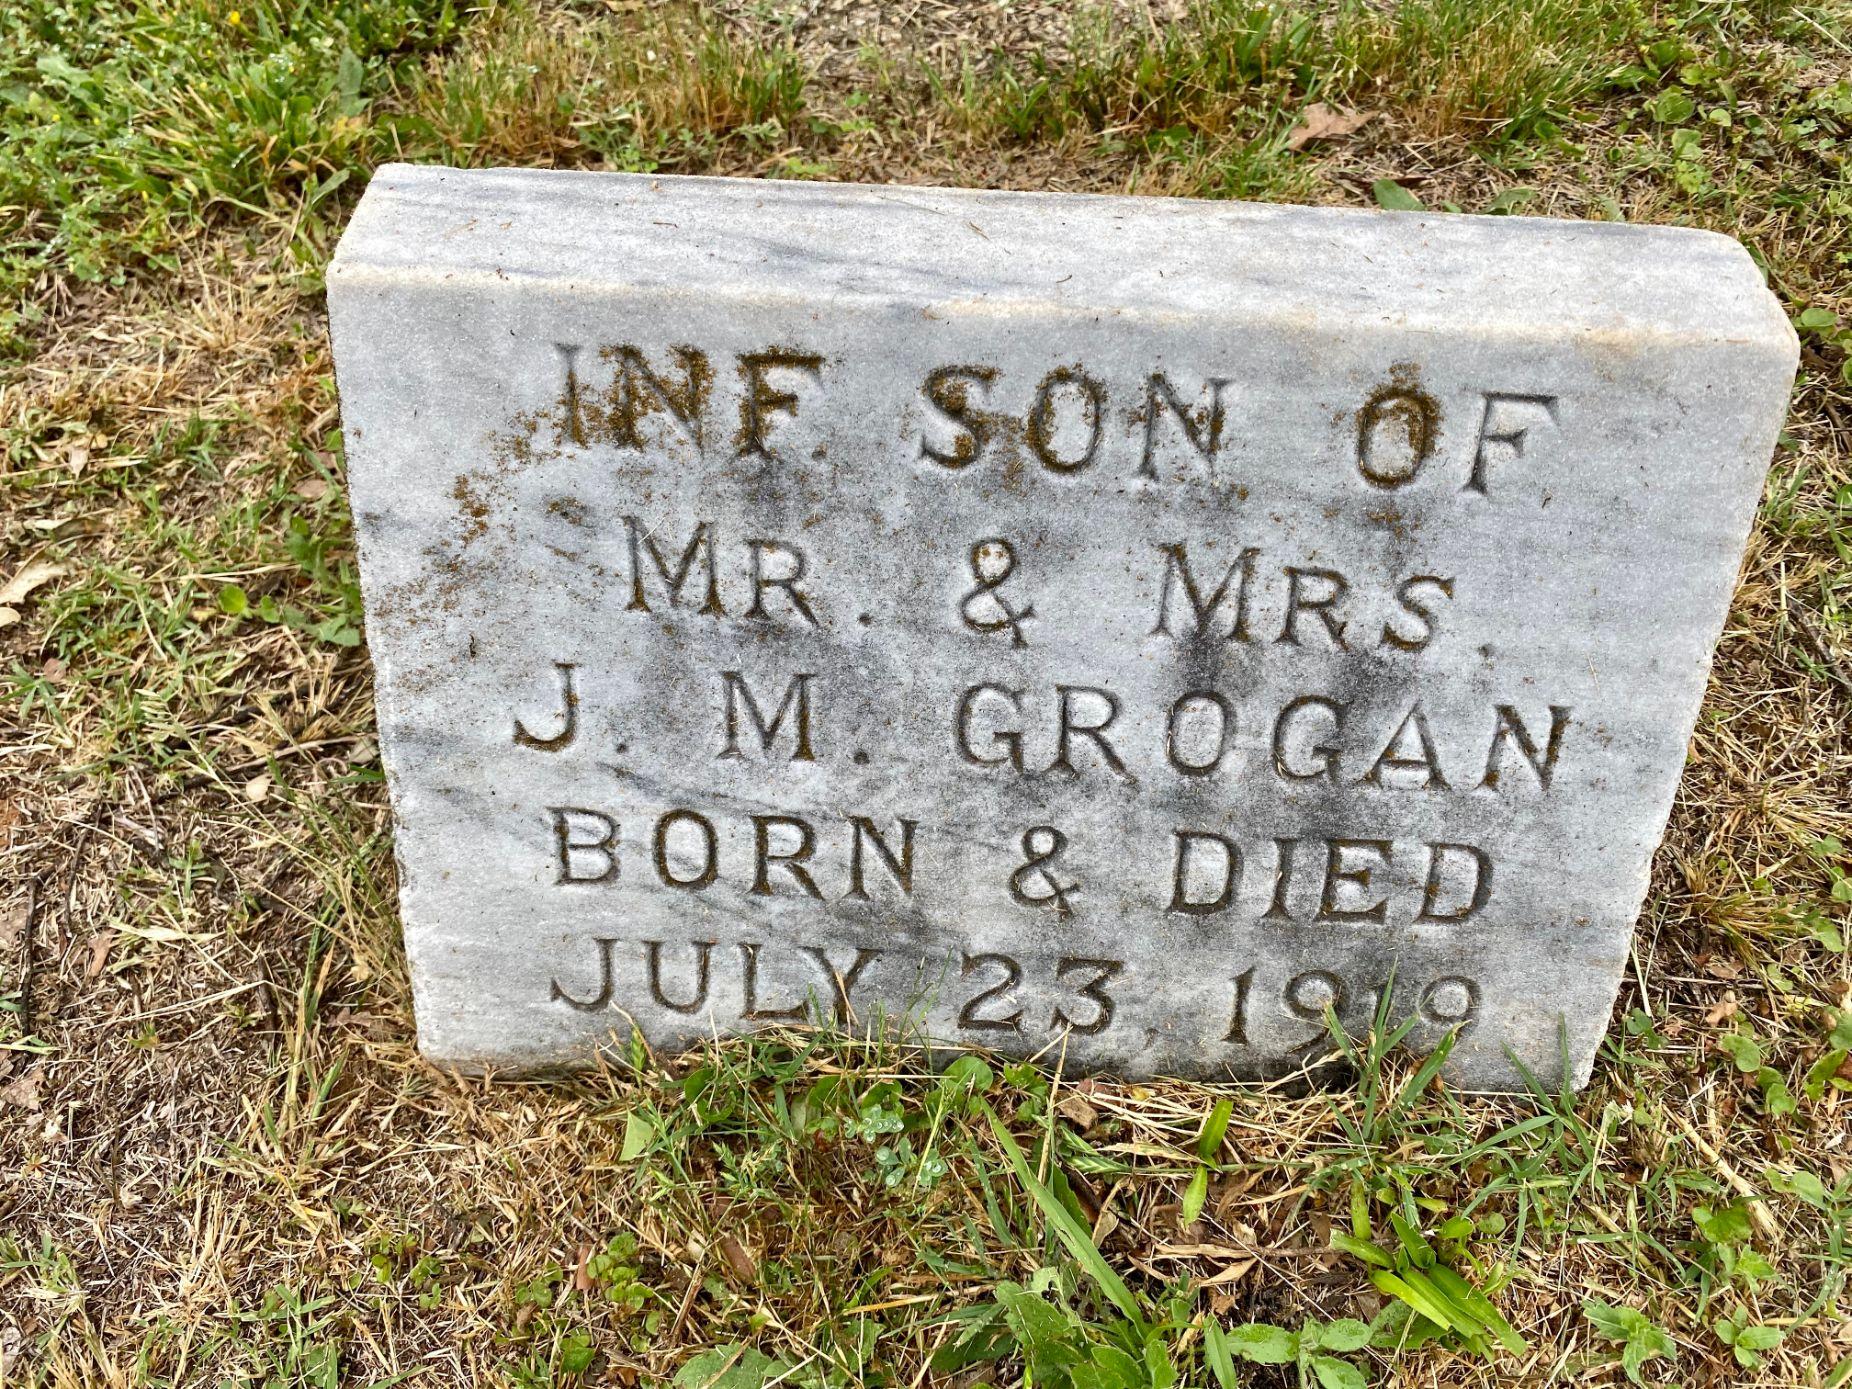 Infant Son of Mr. & Mrs. J.M. Grogan